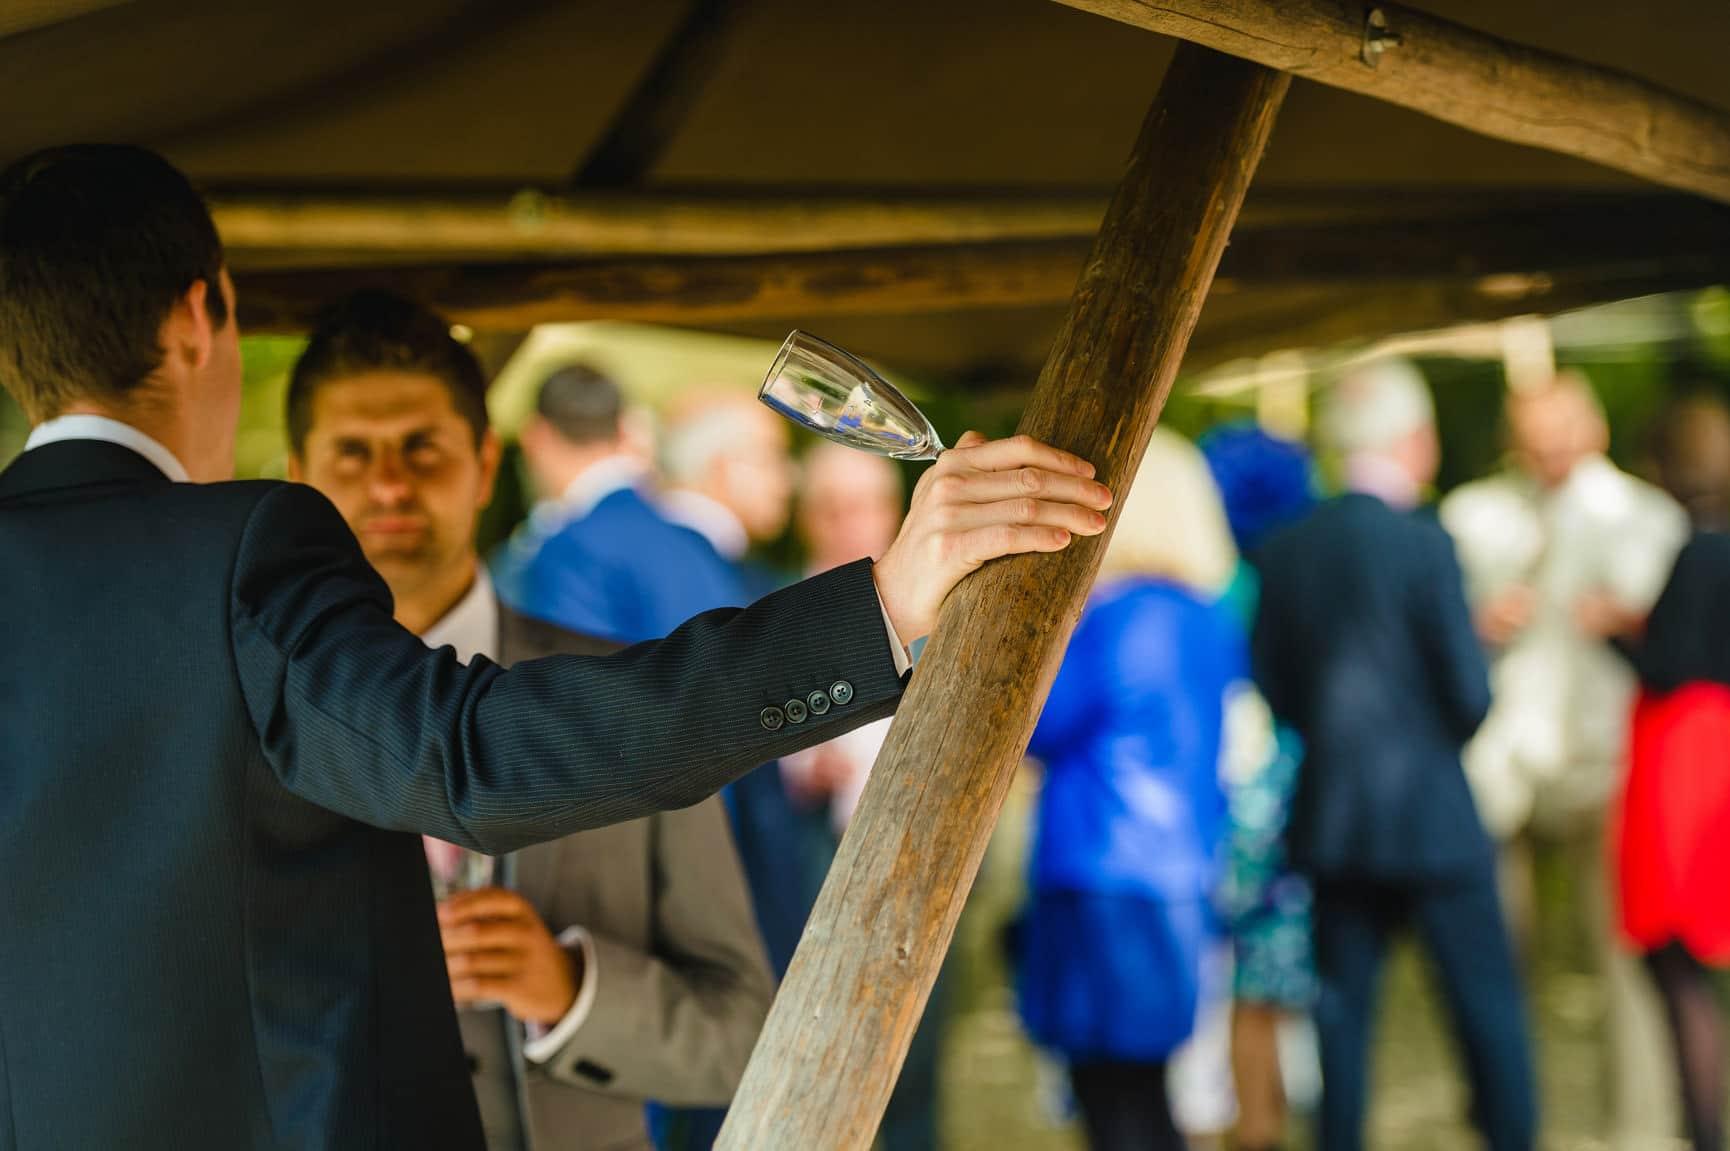 Fforest Wedding, Cardigan, Wales - Lauren and Gareth 102